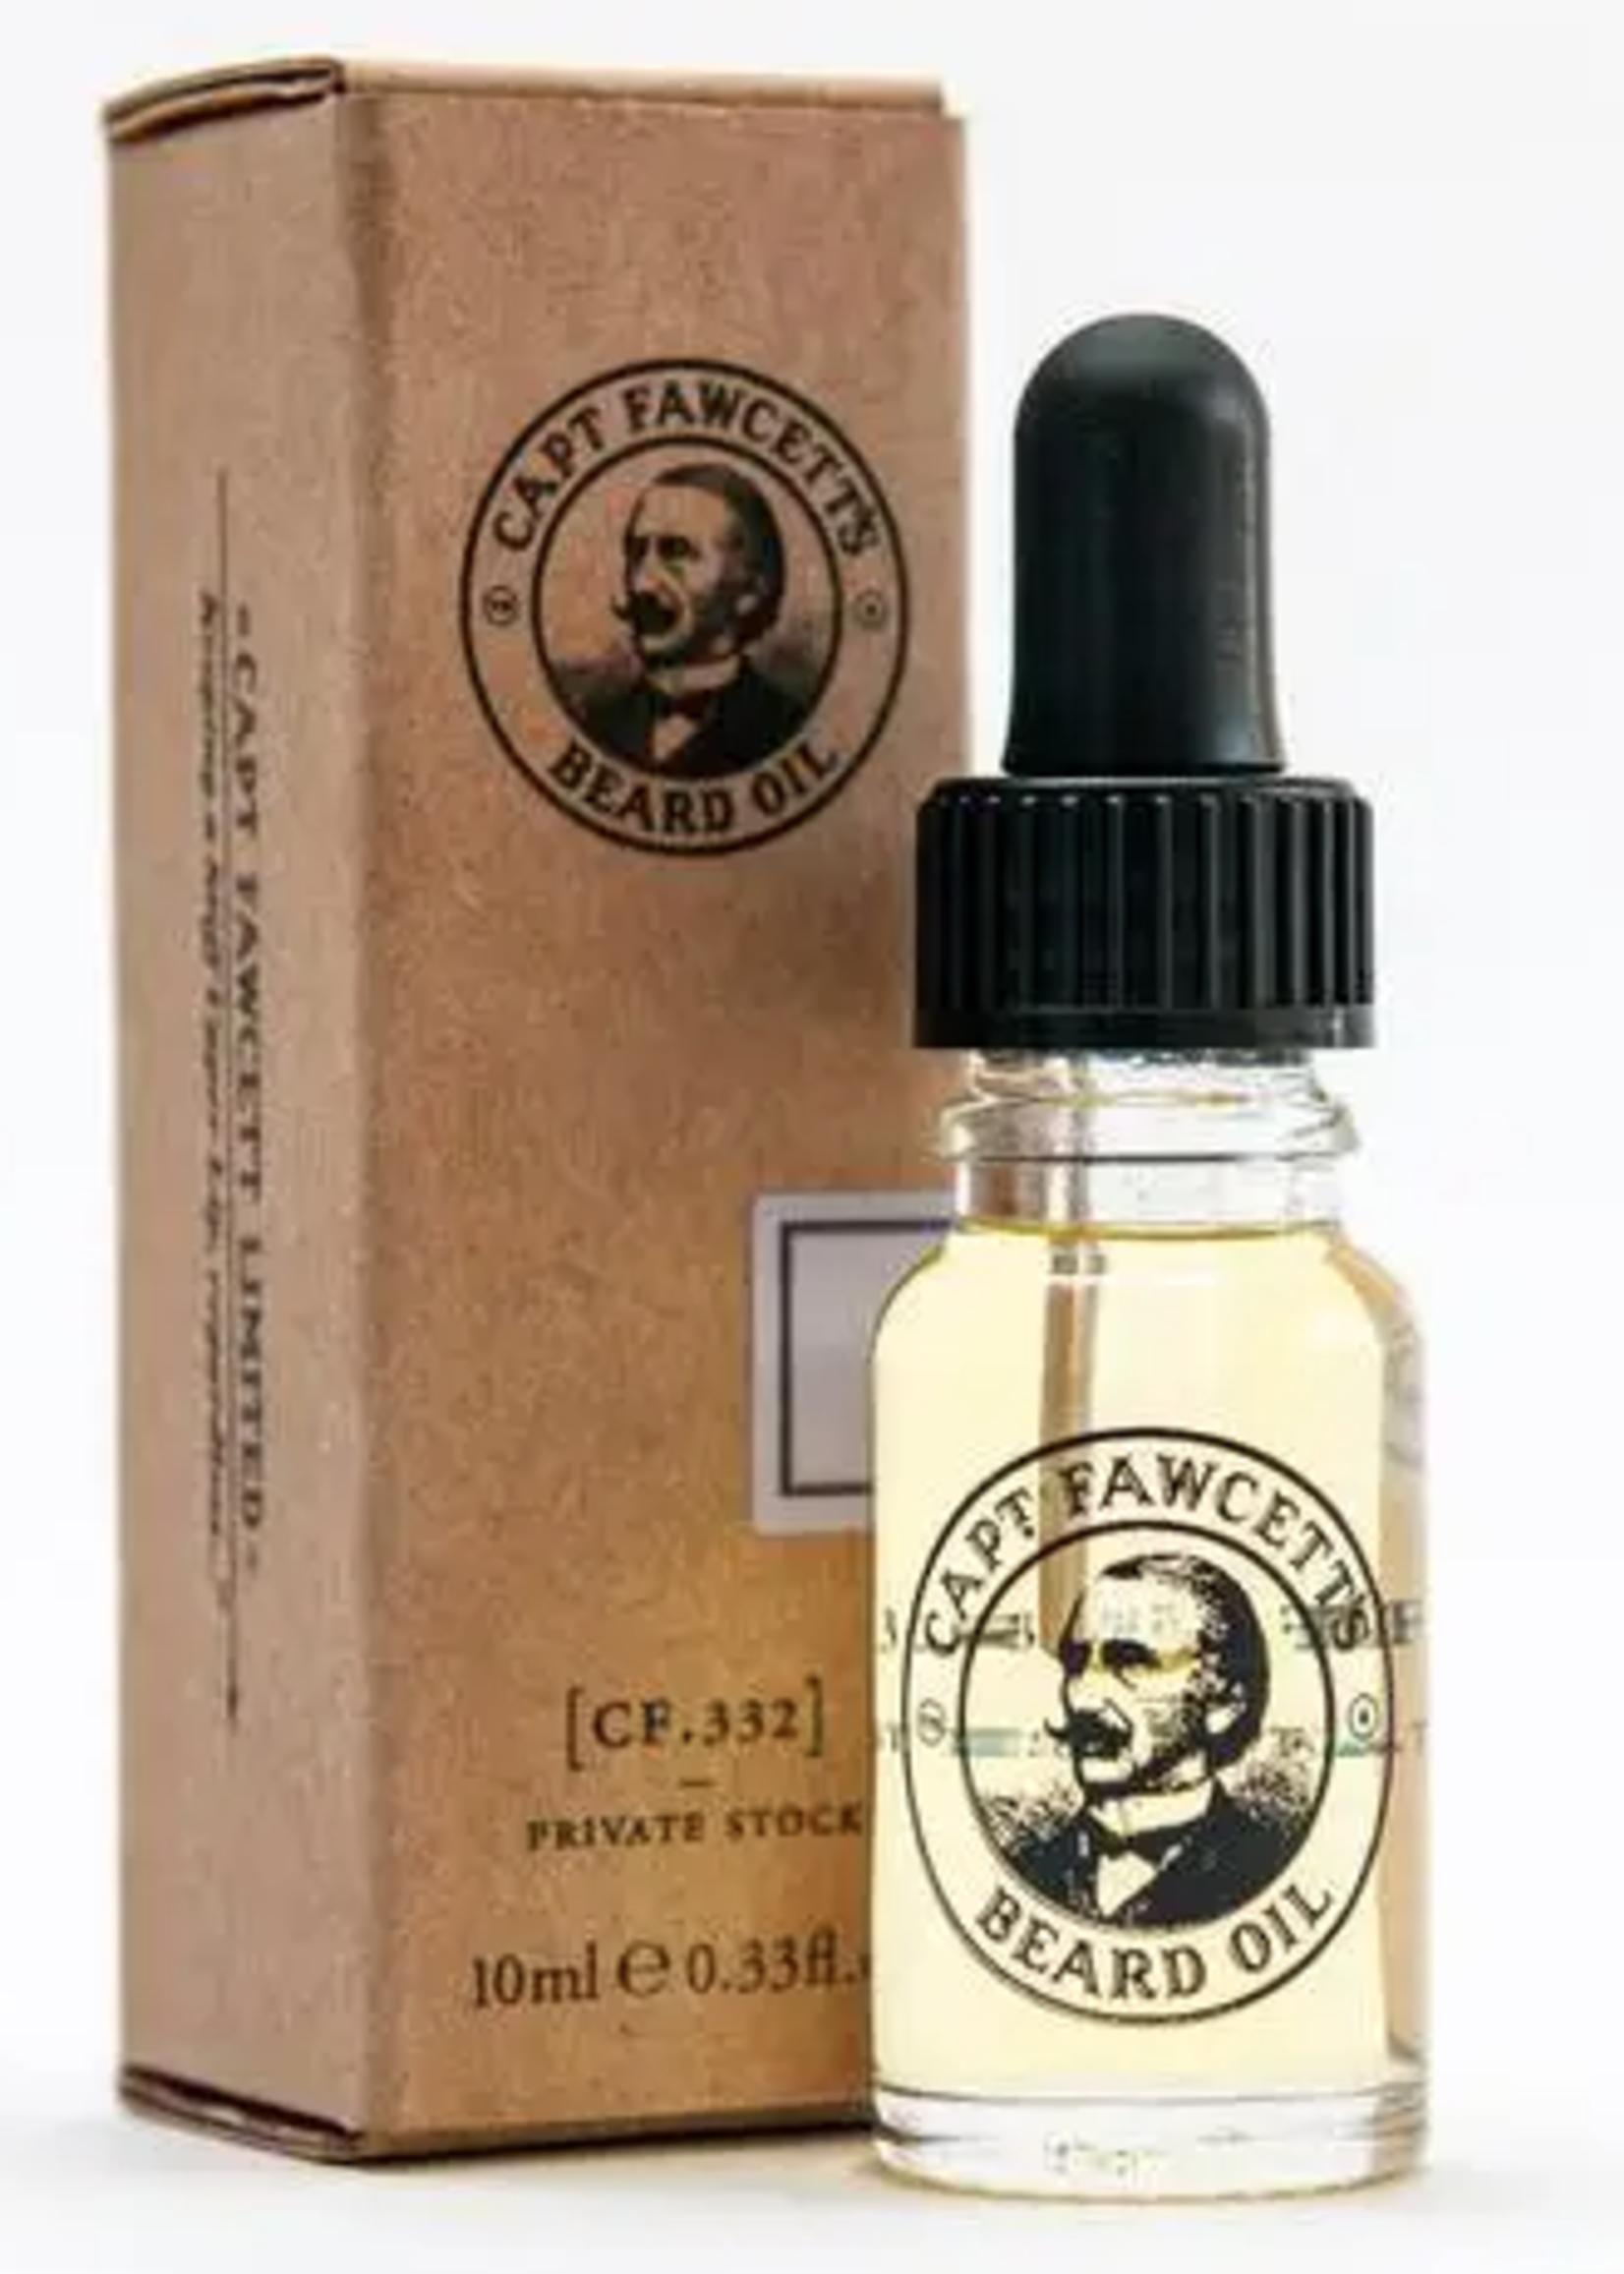 CAPTAIN FAWCETT Private Stock Beard Oil 10ml